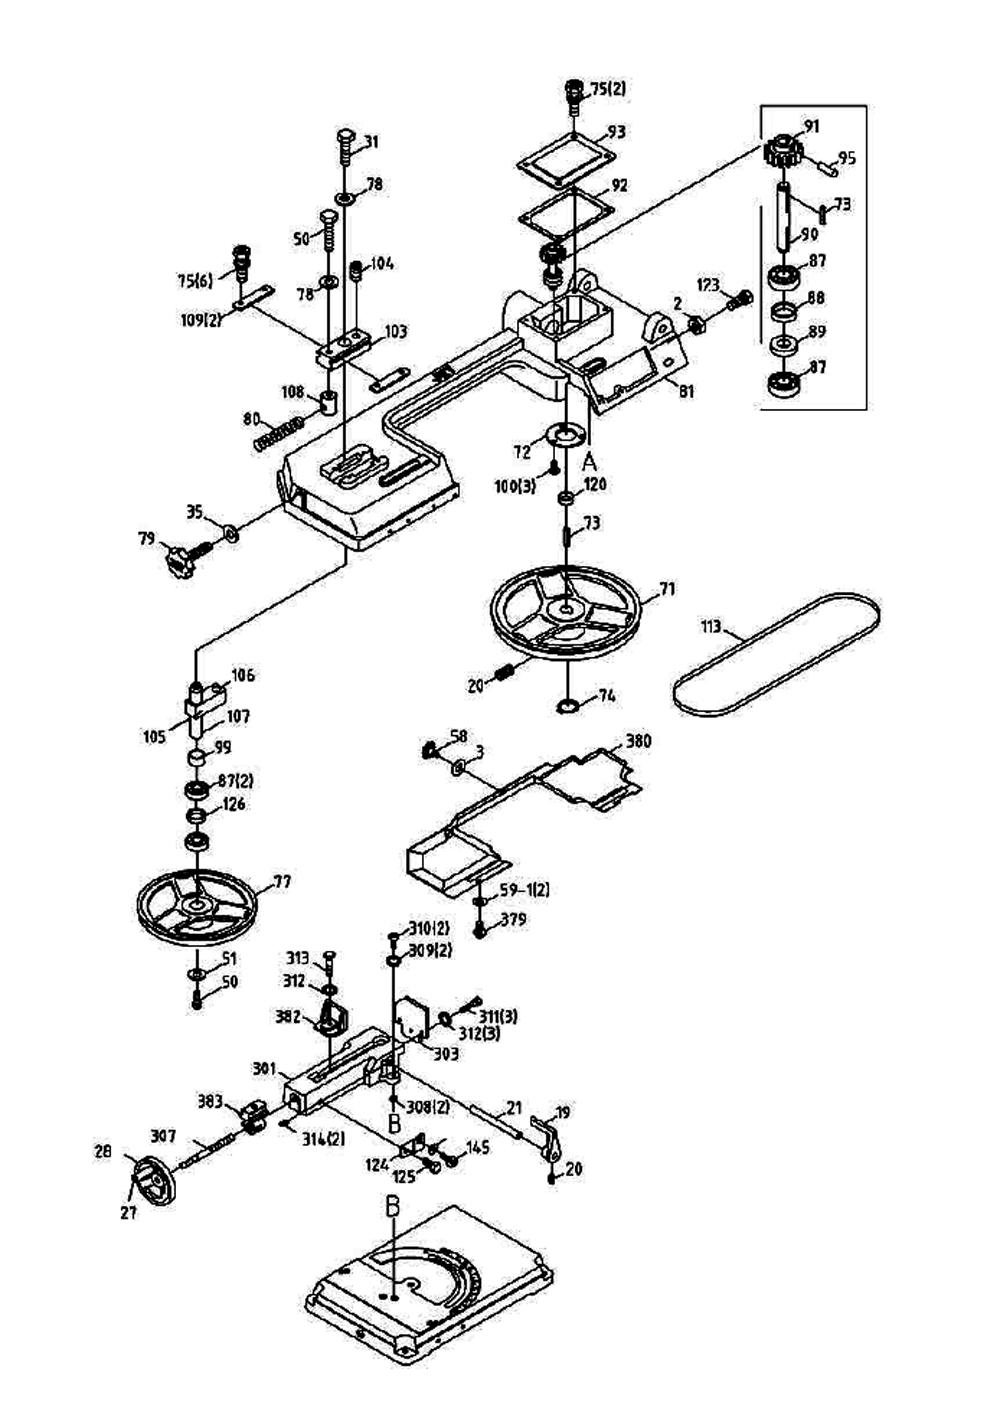 Jet band saw wiring diagram wire diagram 2011 mazda 6 powerstroke 414457 jet pb jet band